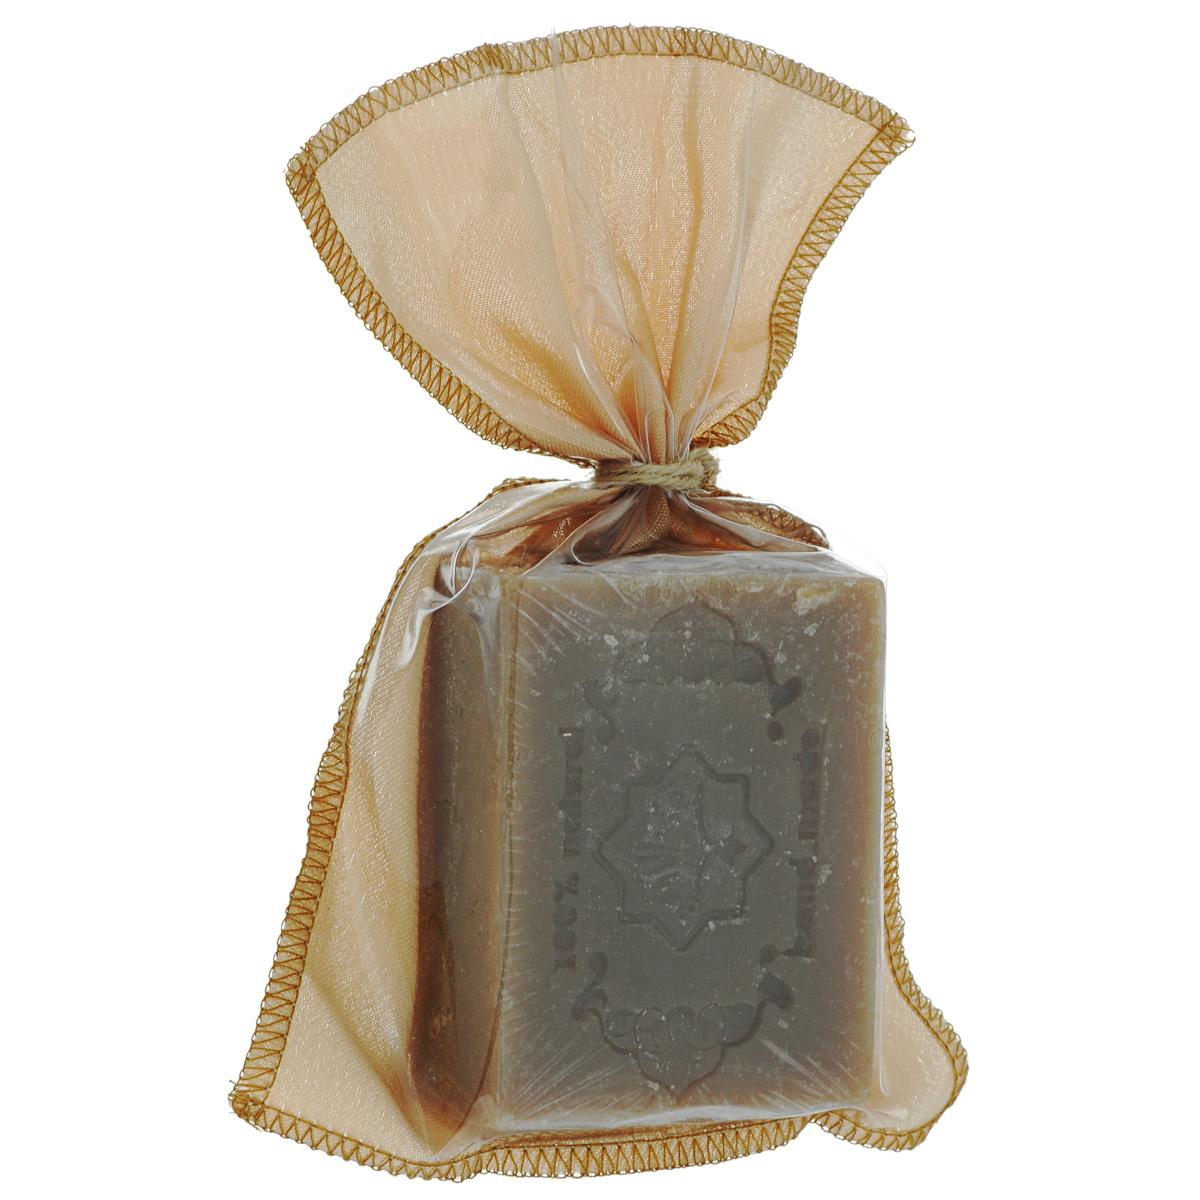 Зейтун Мыло Экстра №11 с мёдом, 110 гZ1111Мёд - частый компонент средств по уходу за кожей. Благодаря его свойствам и правильной комбинации масел это натуральное мыло с медом - замечательное средство для ухода за сухой кожей: не сушит и не стягивает кожу, а наоборот -увлажняет, смягчает и тонизирует, питает природными витаминами.